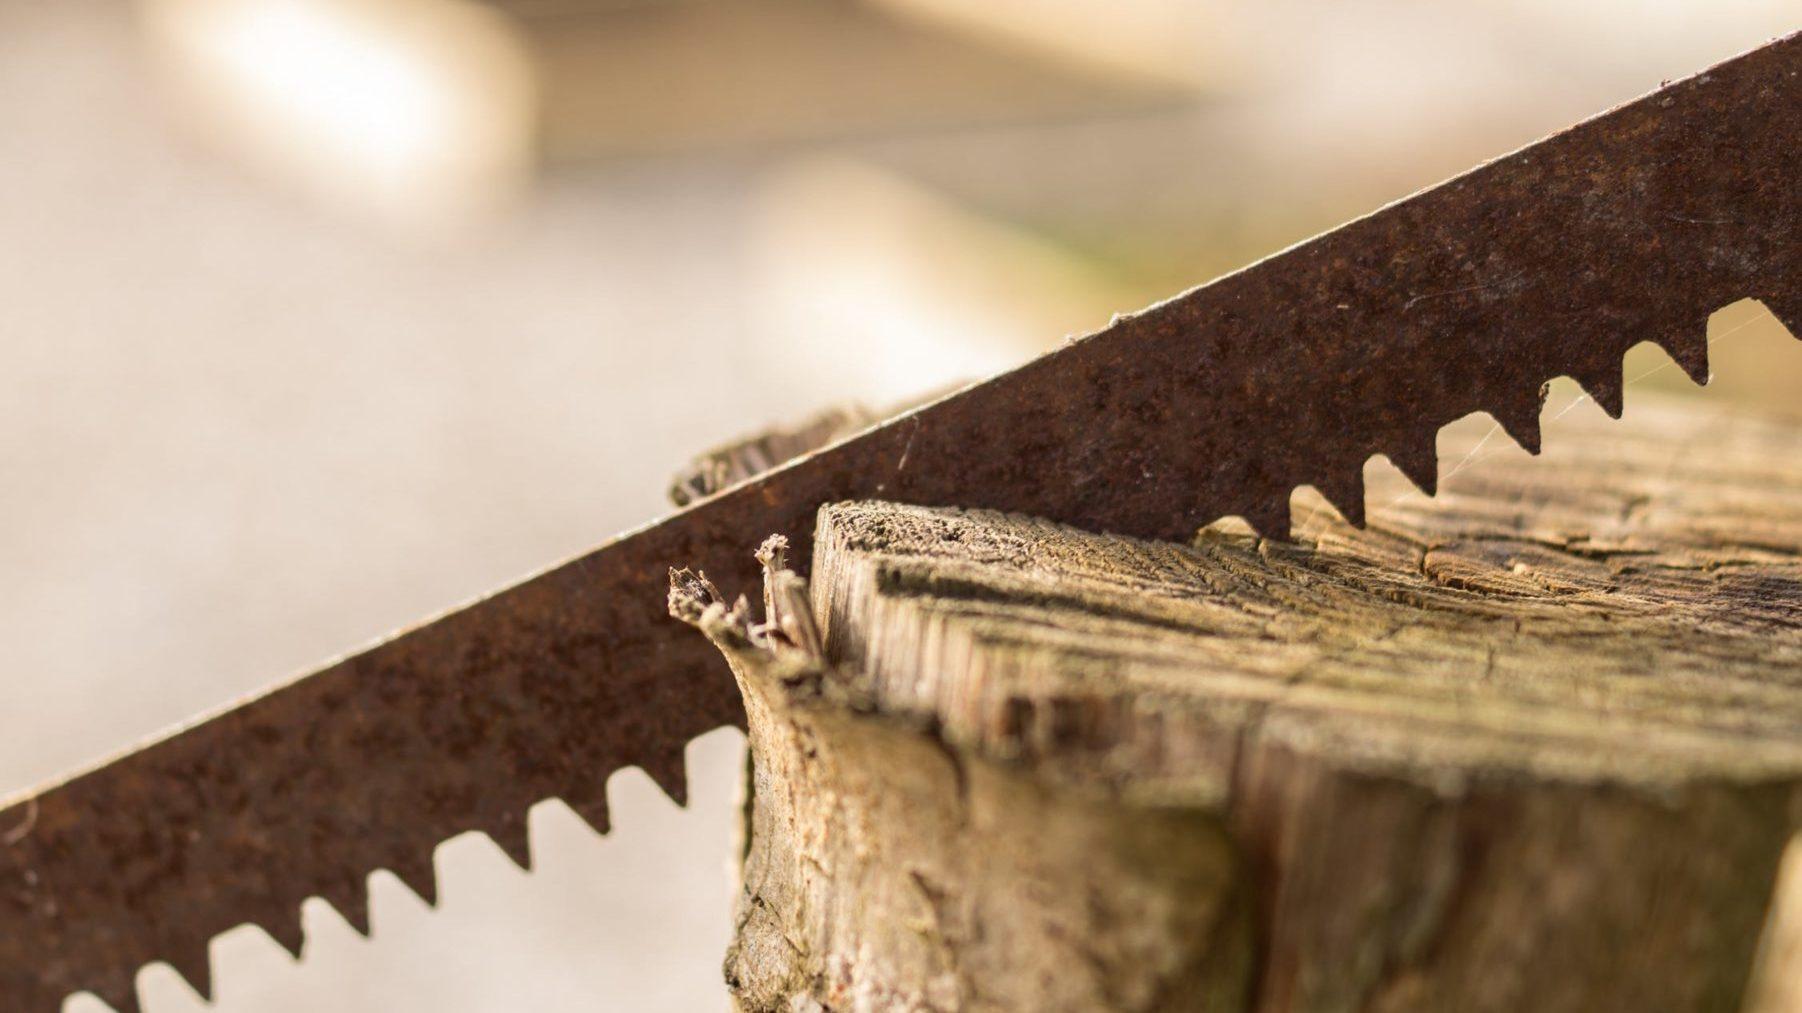 wood-working-garden-tool-e1547478501186.jpg